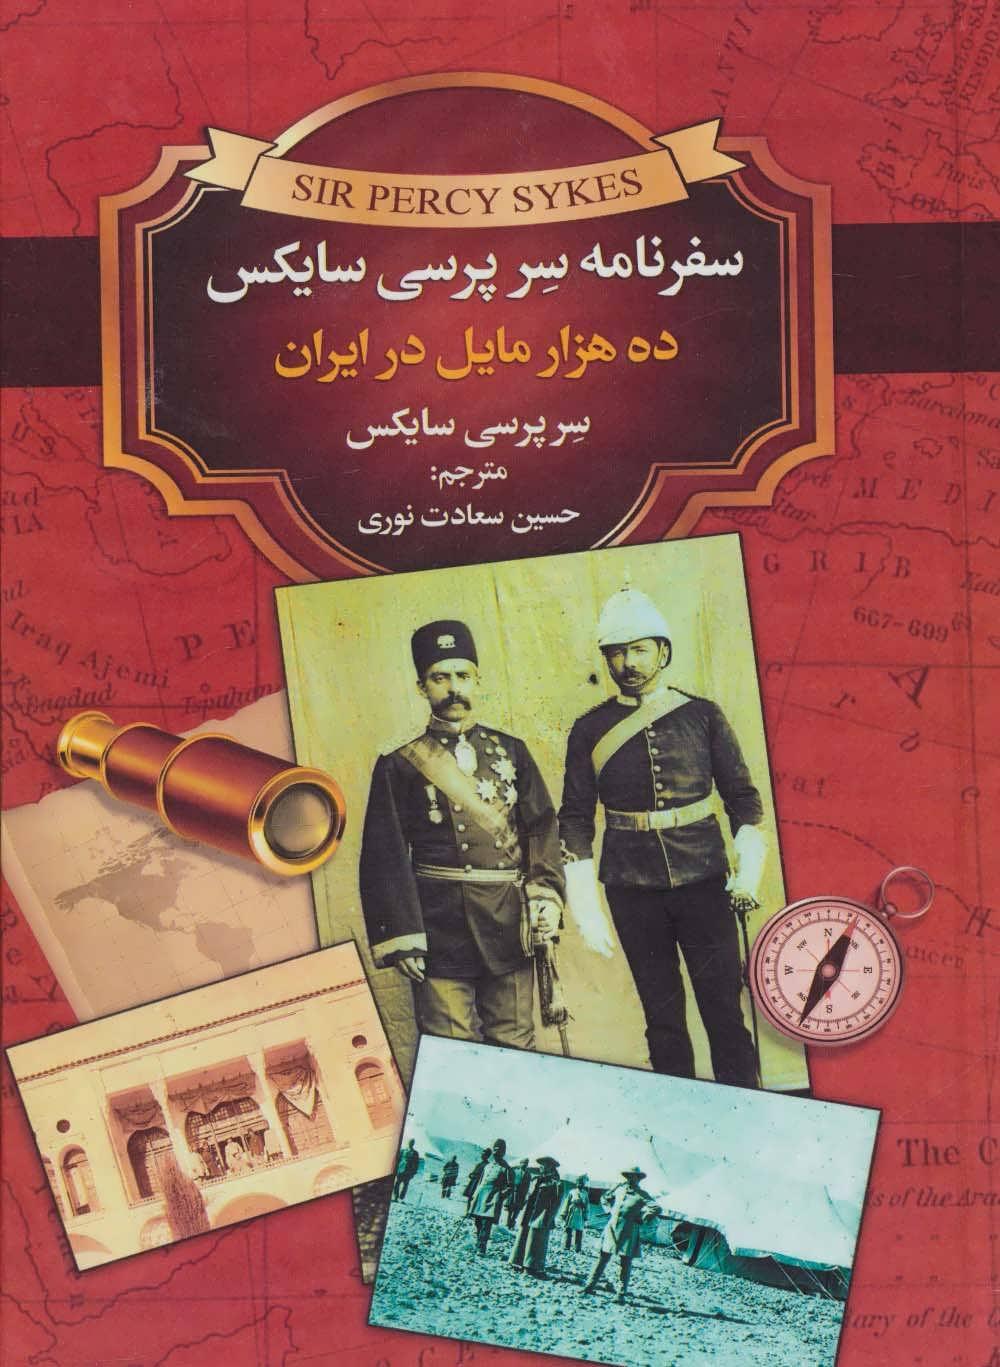 کتاب سفرنامه ژنرال سرپرسی سایکس، یا، ده هزار میل در ایران